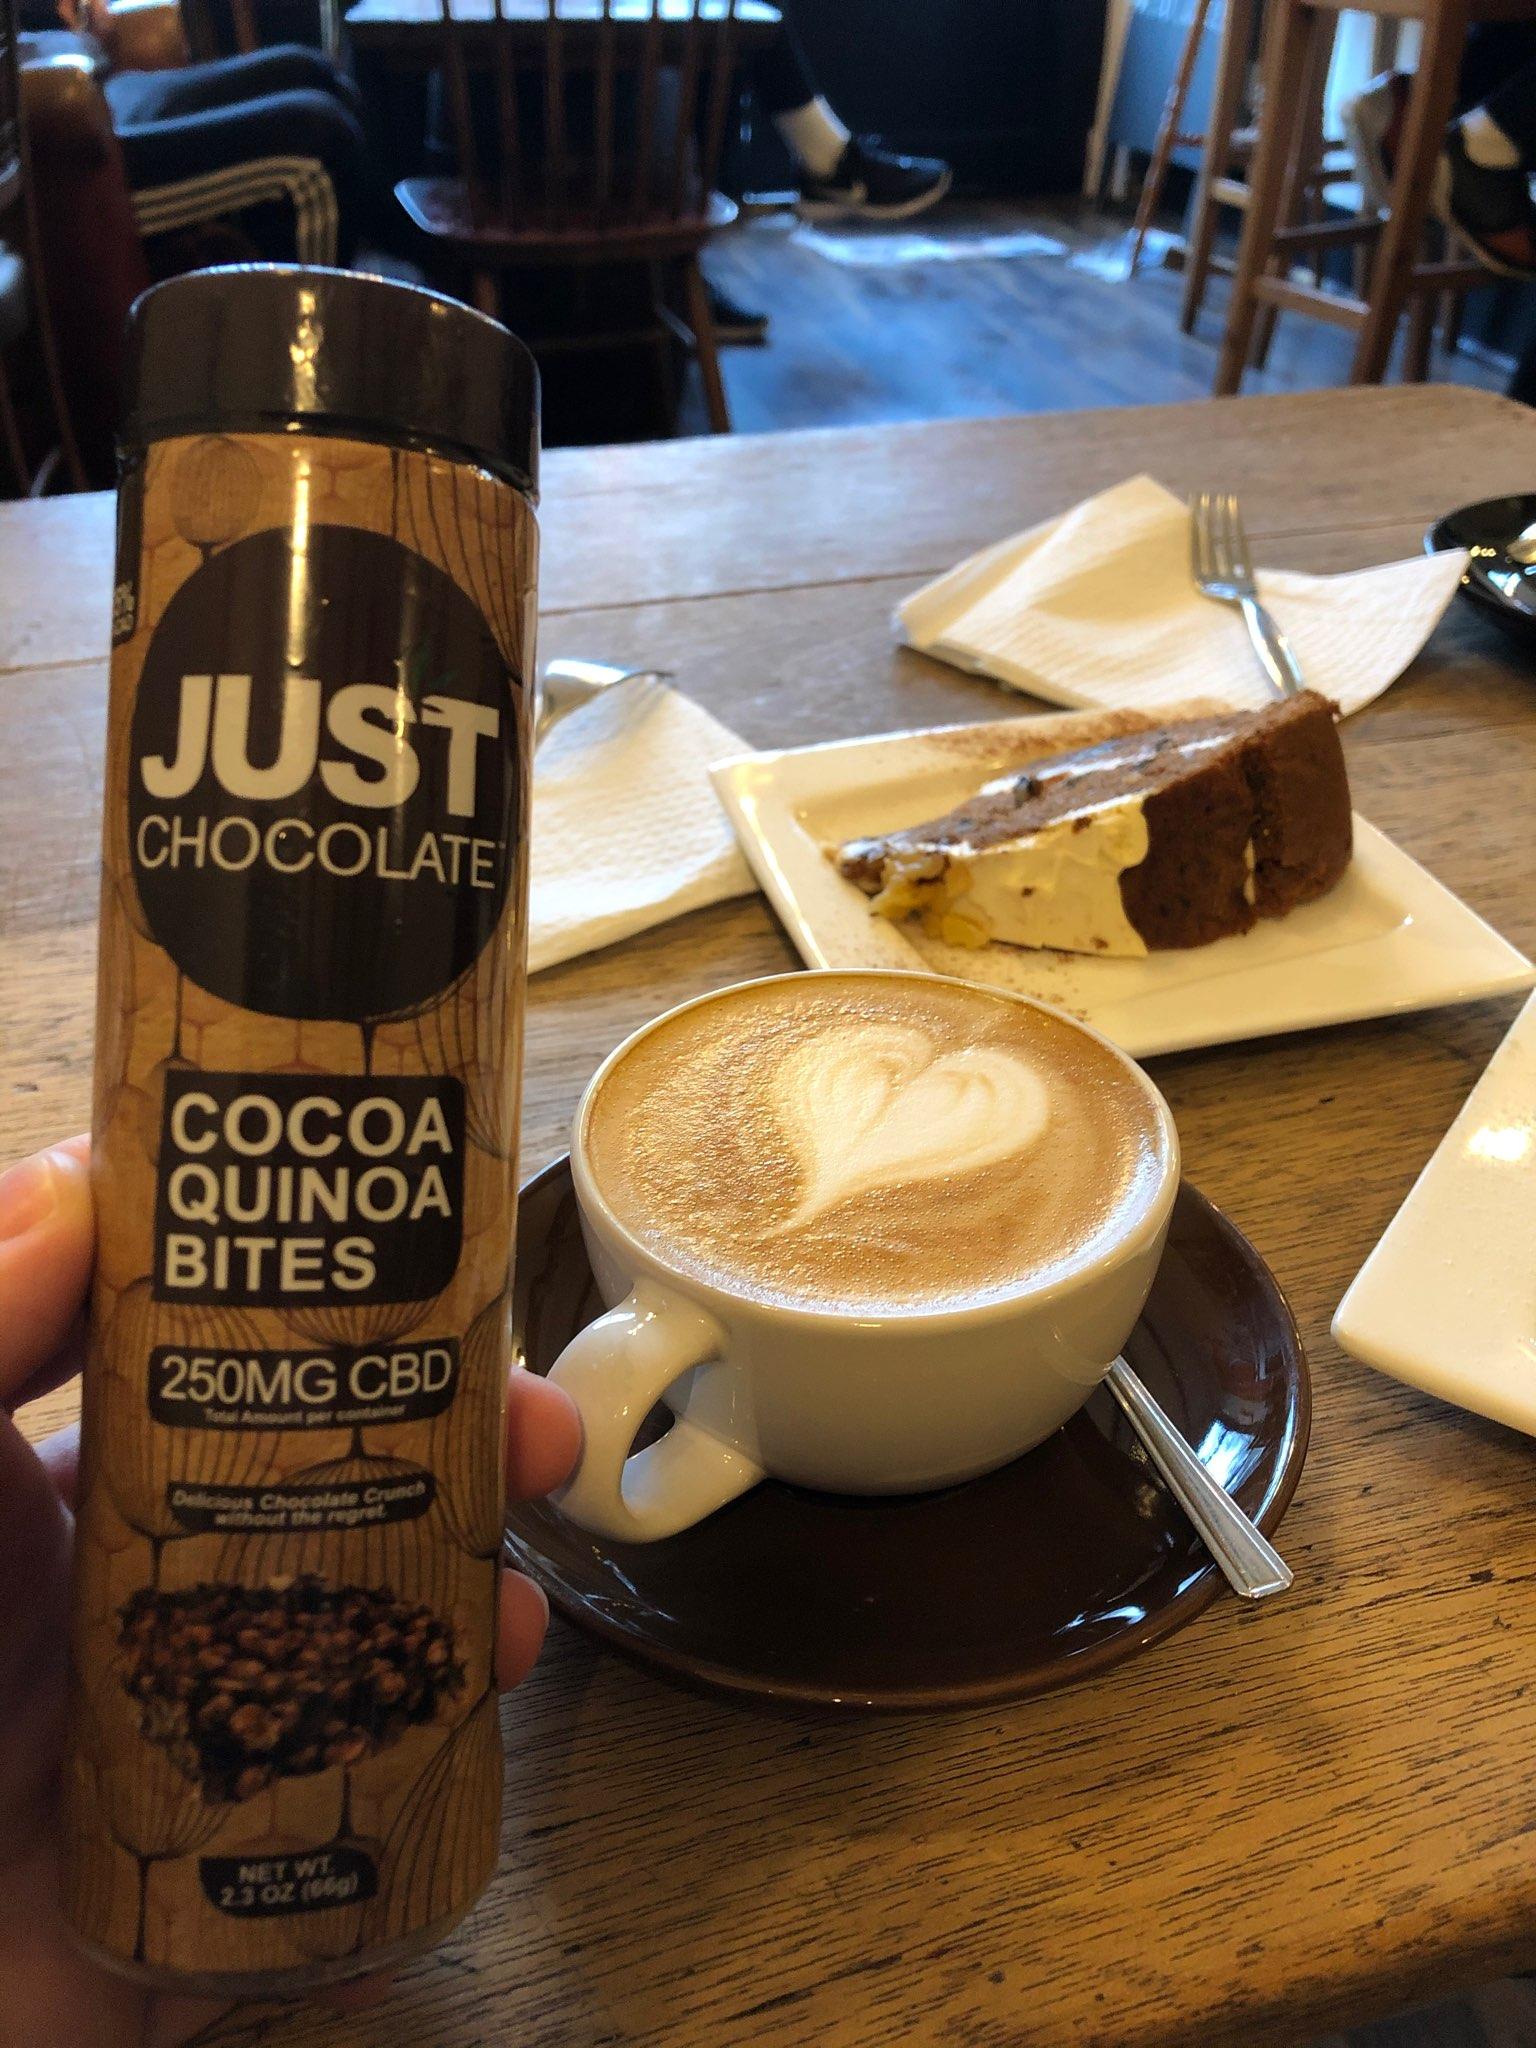 JustCBD Cocoa Quinoa Bites